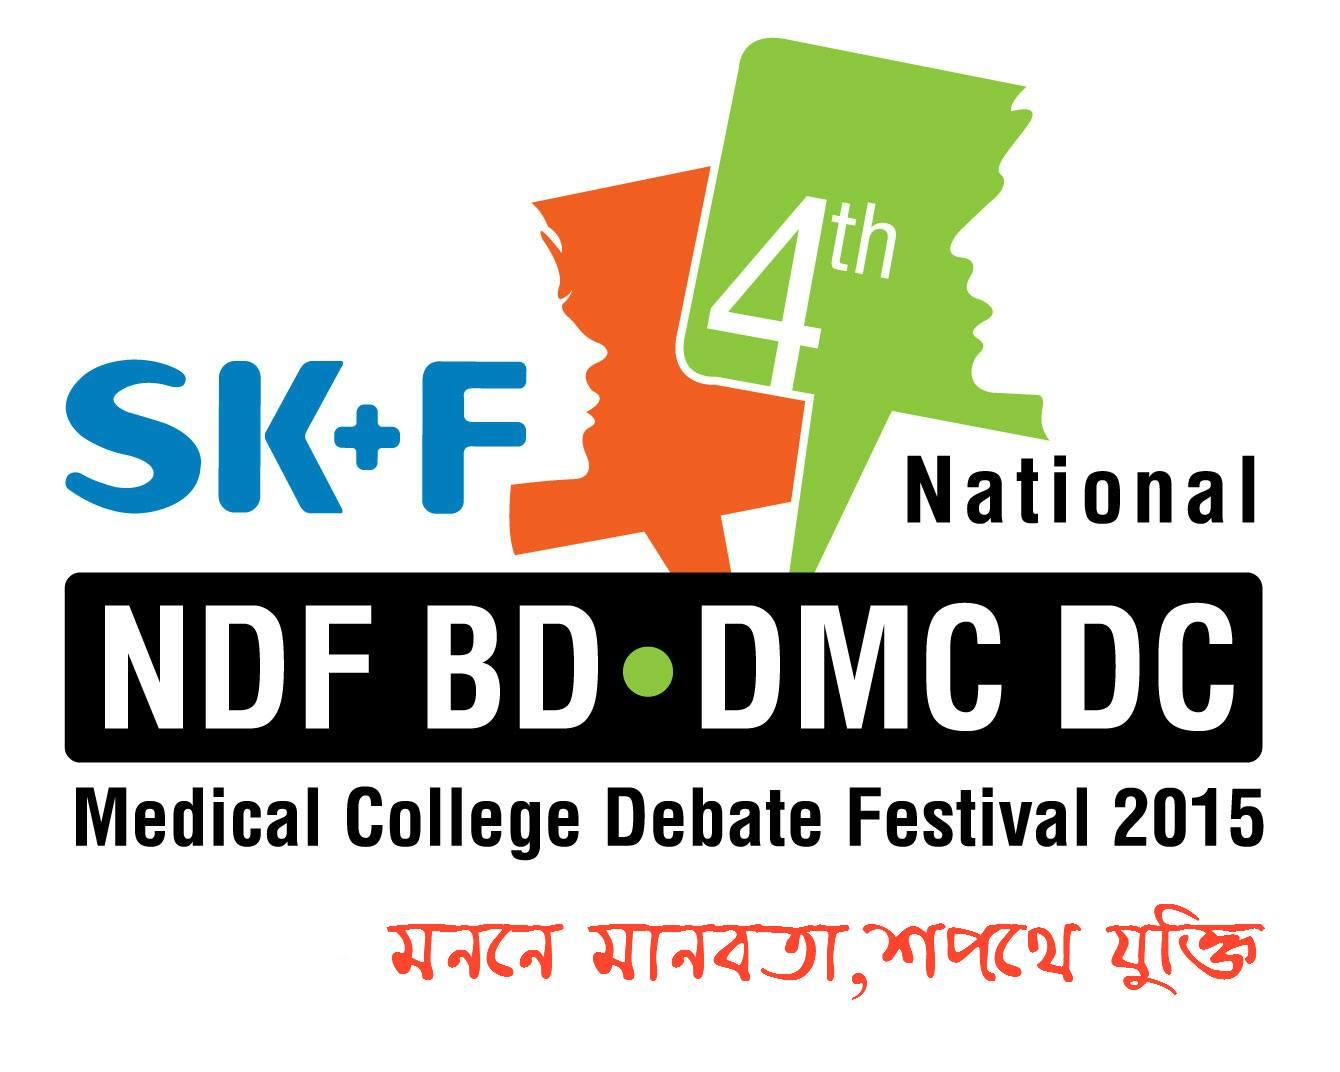 ঢাকা মেডিকেল কলেজে হয়ে গেল SK+F 4th NDF BD-DMC DC Medical College Debate Festival & Quiz Competition '15